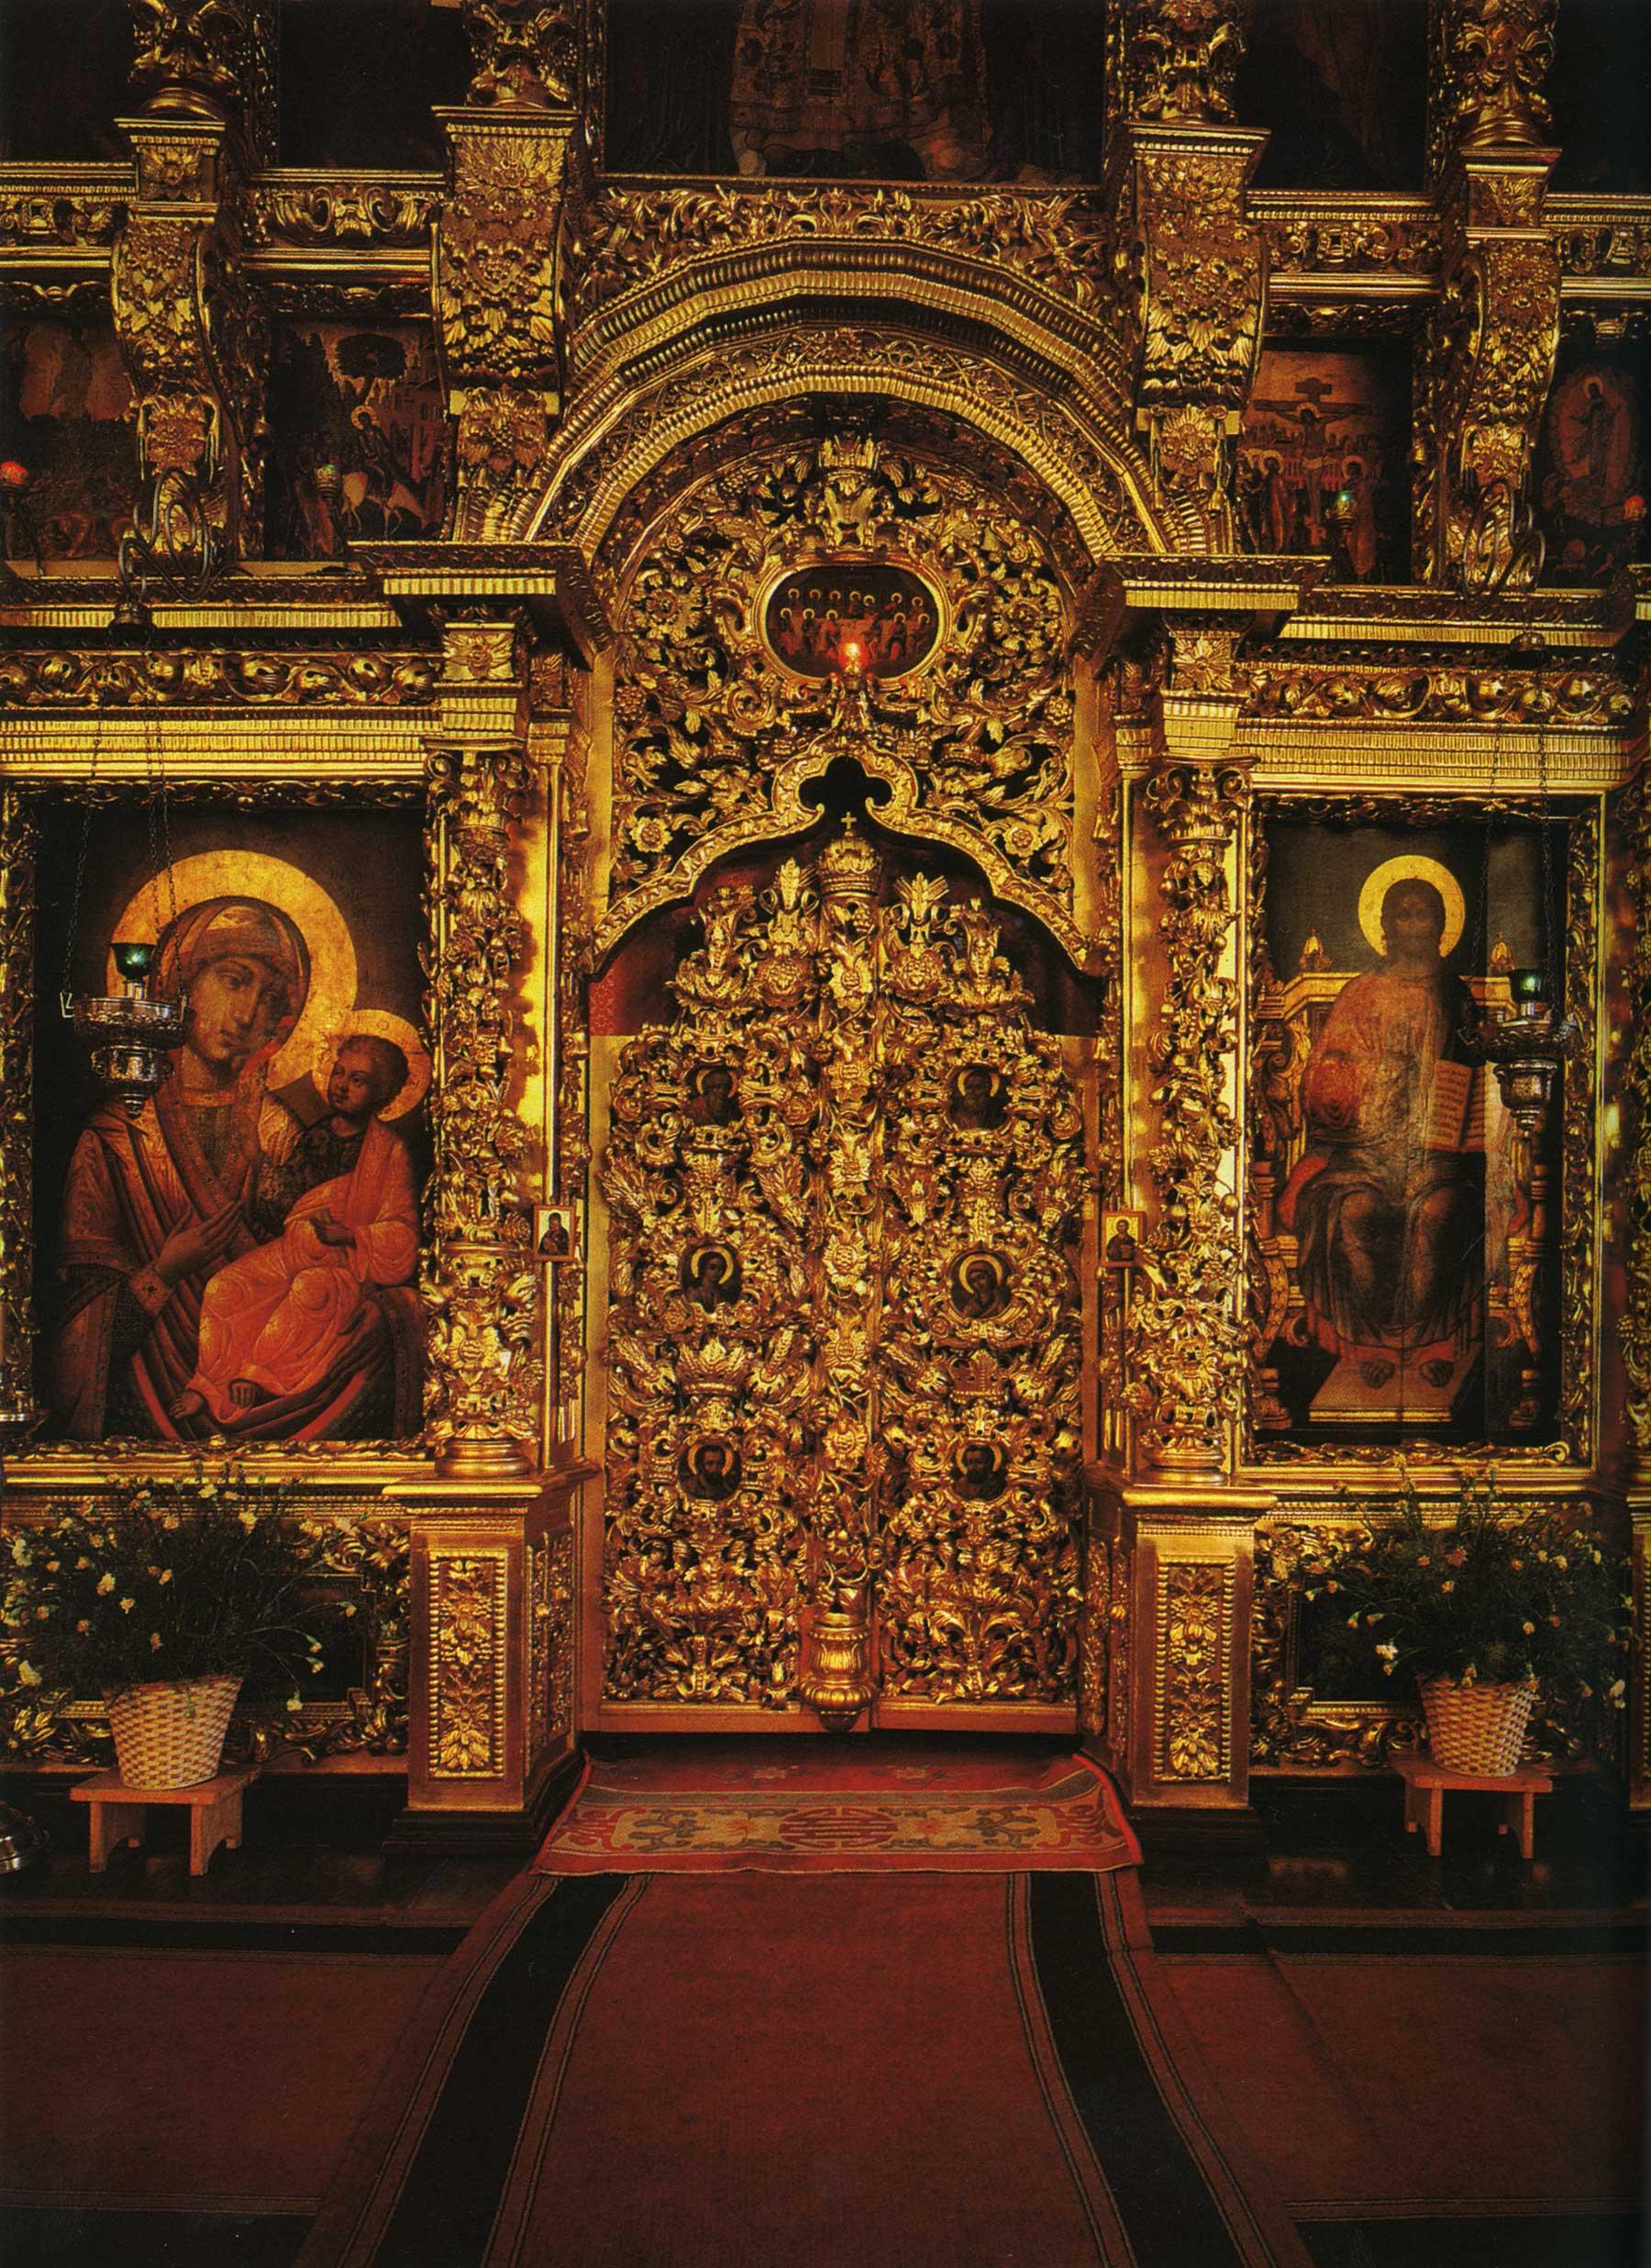 Церковь преподобного Сергия Радонежского. Иконостас. Царские врата